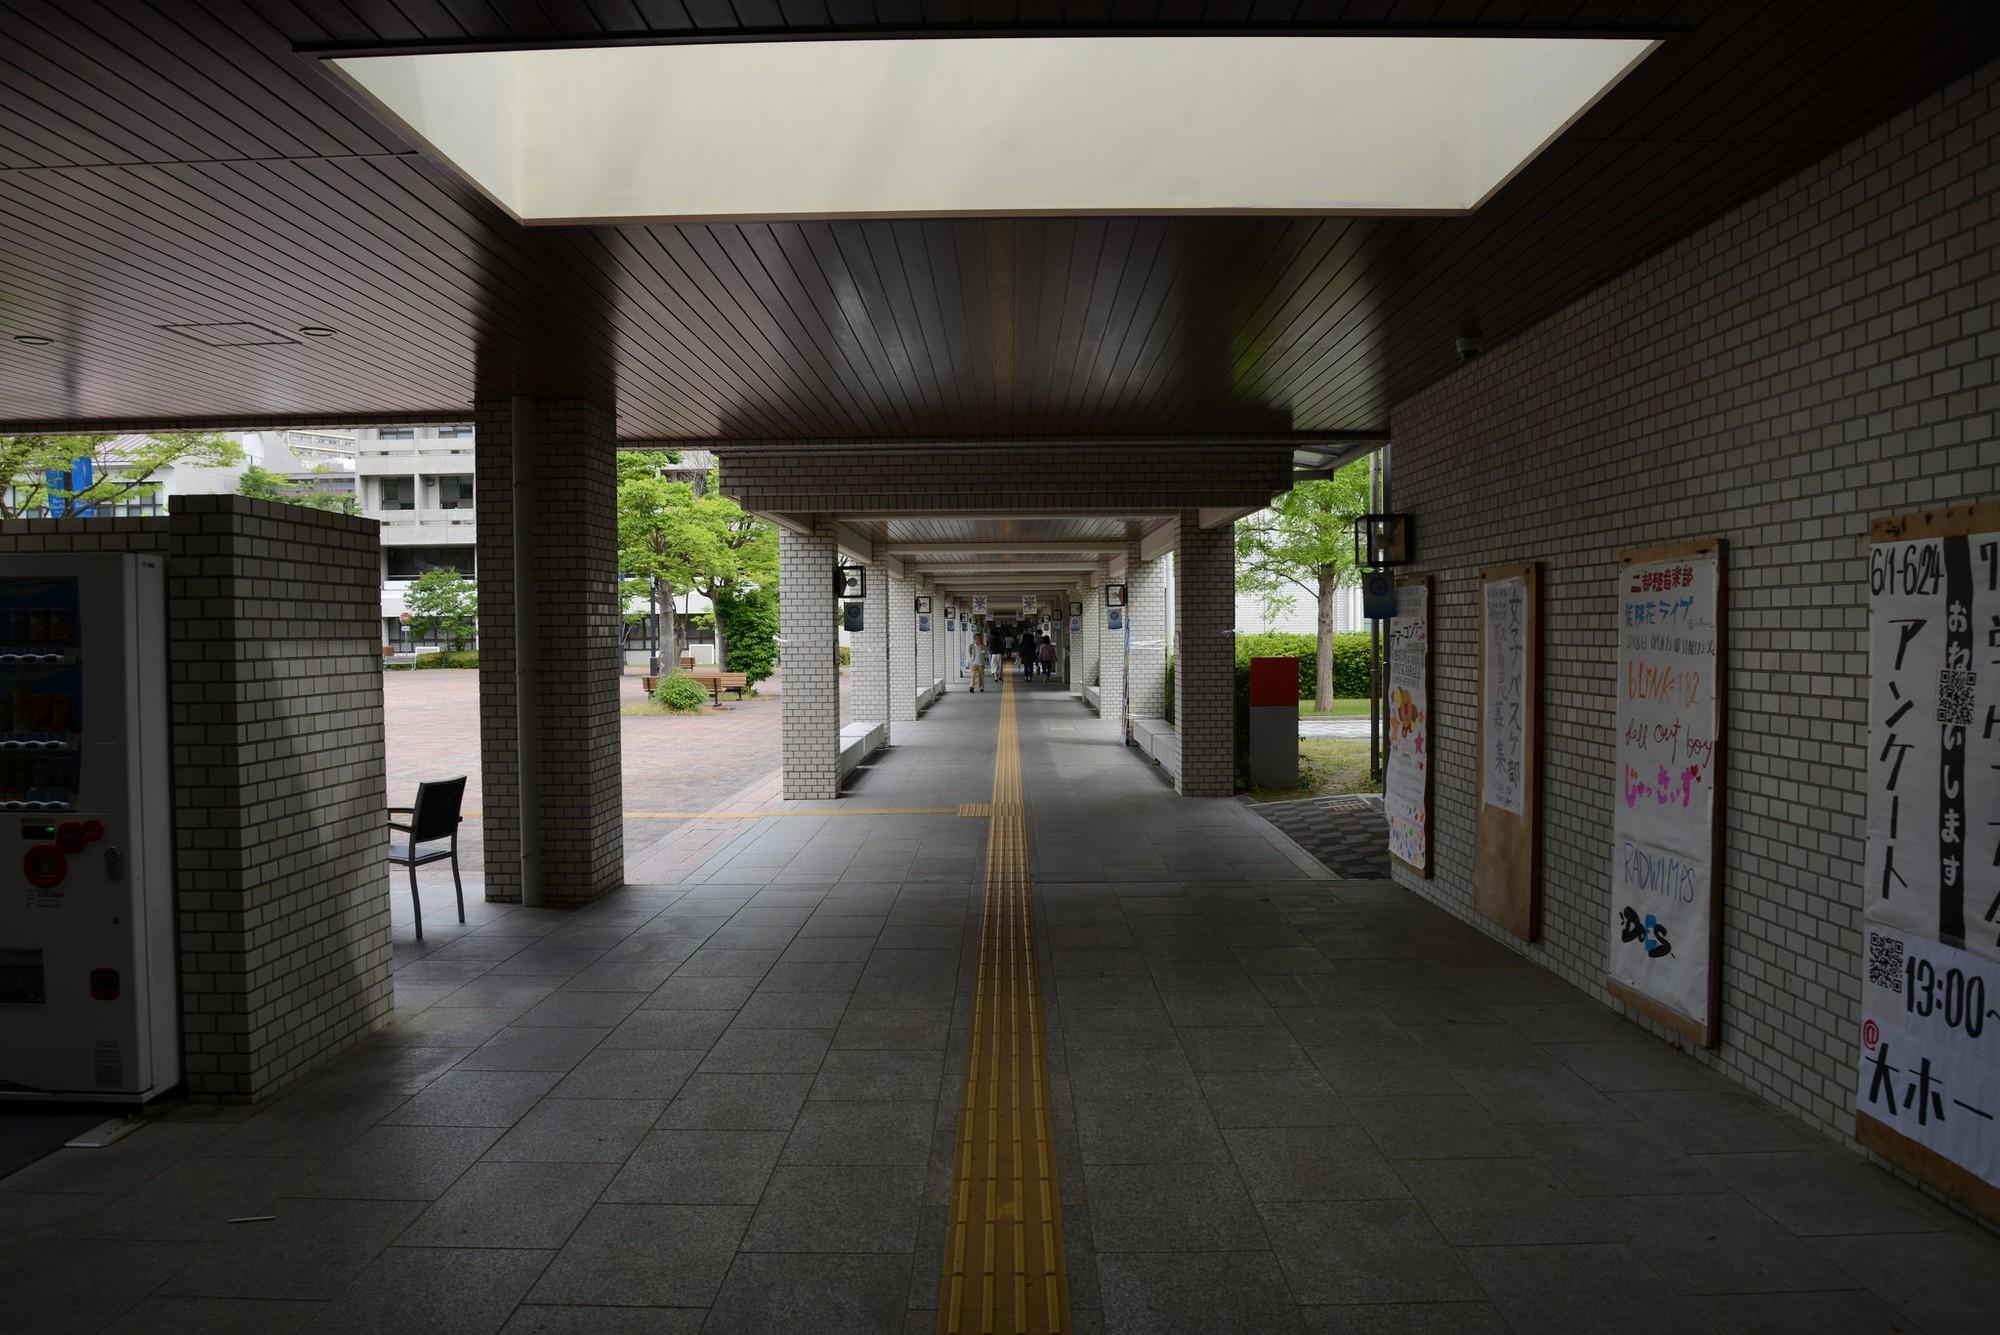 15 phát minh đỉnh cao ở Nhật Bản khiến bạn nhận ra chúng ta và họ dường như cách nhau cả thế kỷ - Ảnh 10.